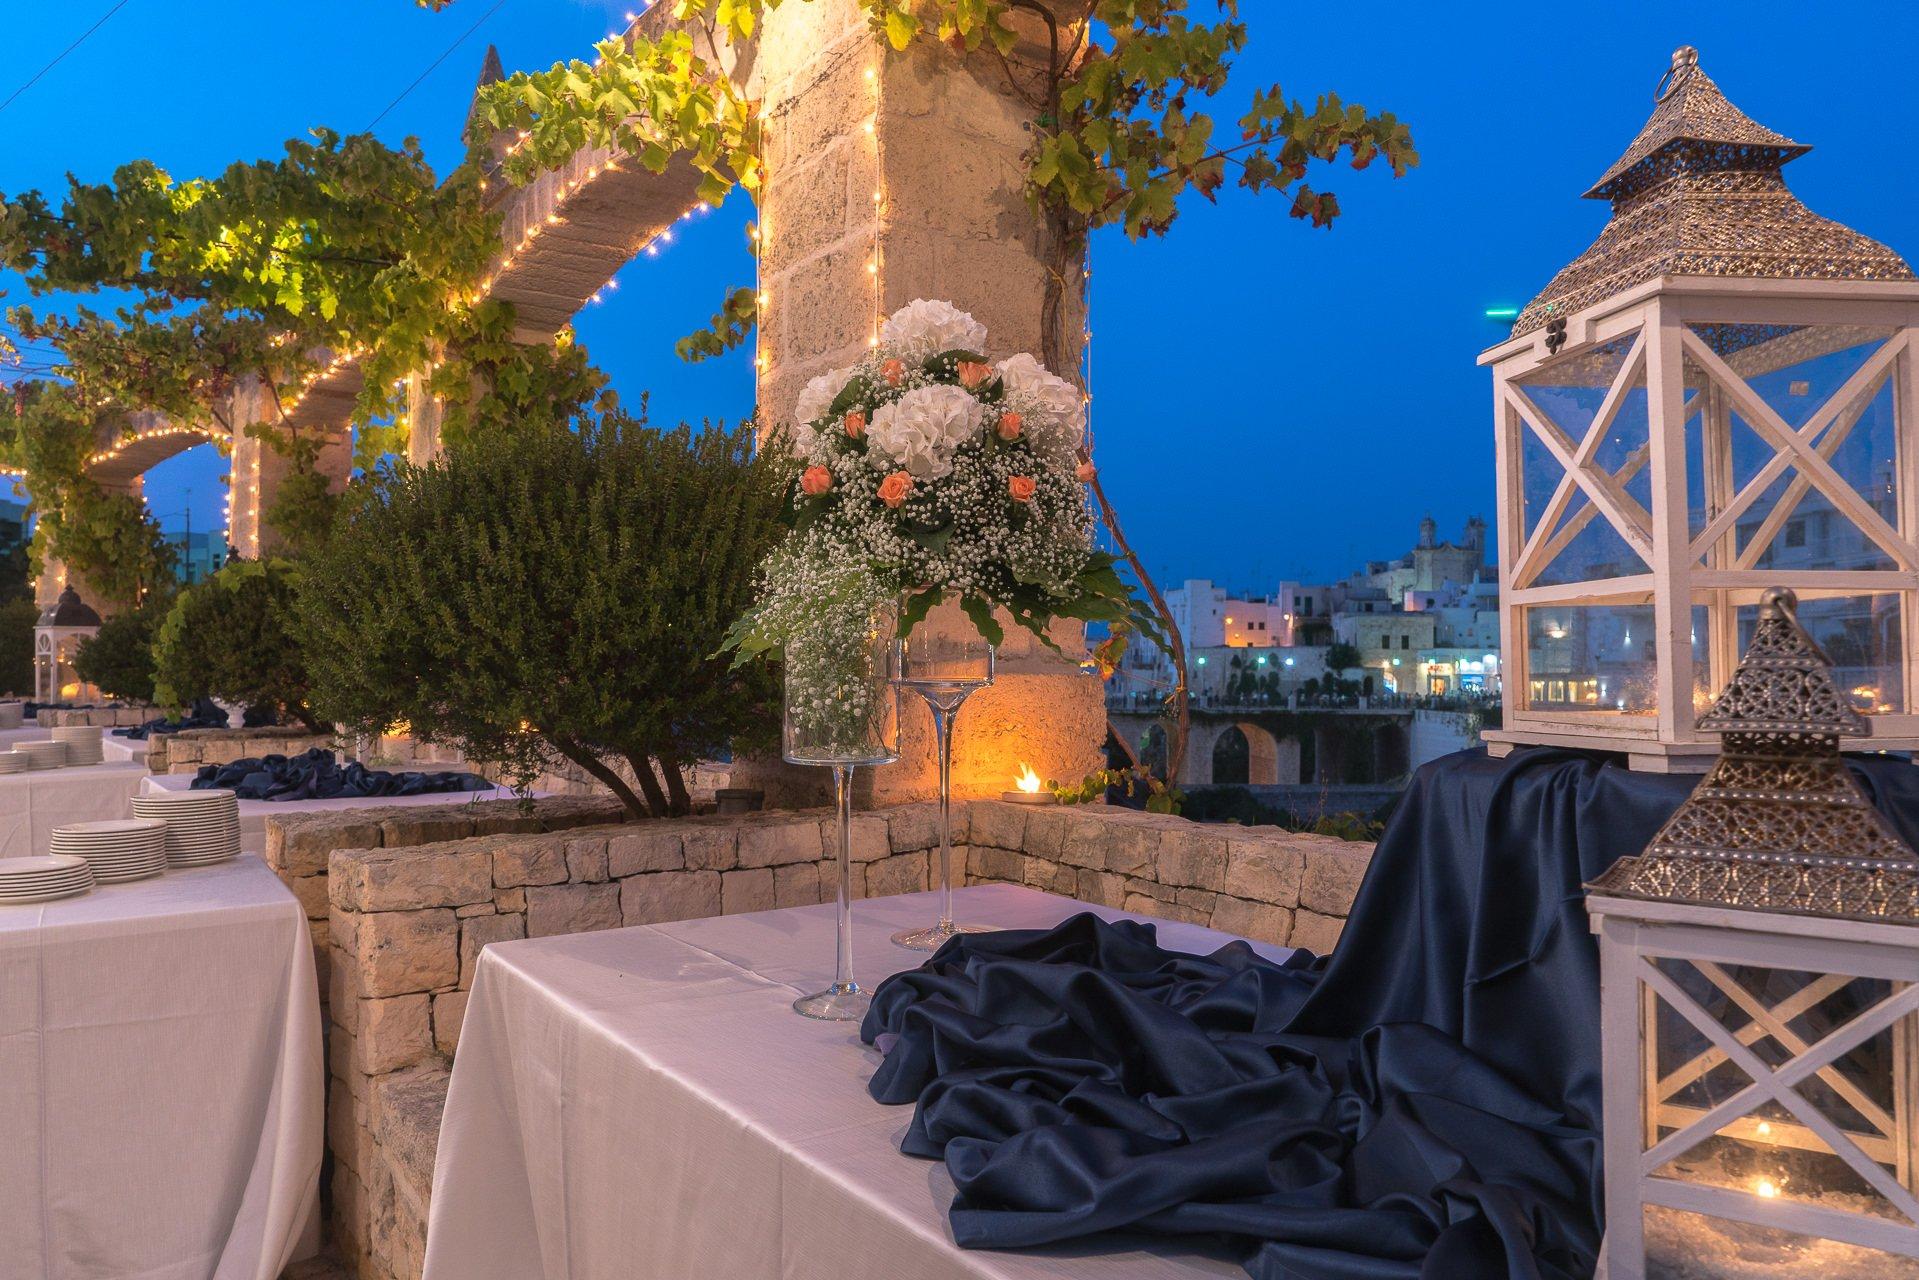 Specchia sant 39 oronzo ristorante e ricevimenti polignano a mare puglia - Specchia sant oronzo polignano ...